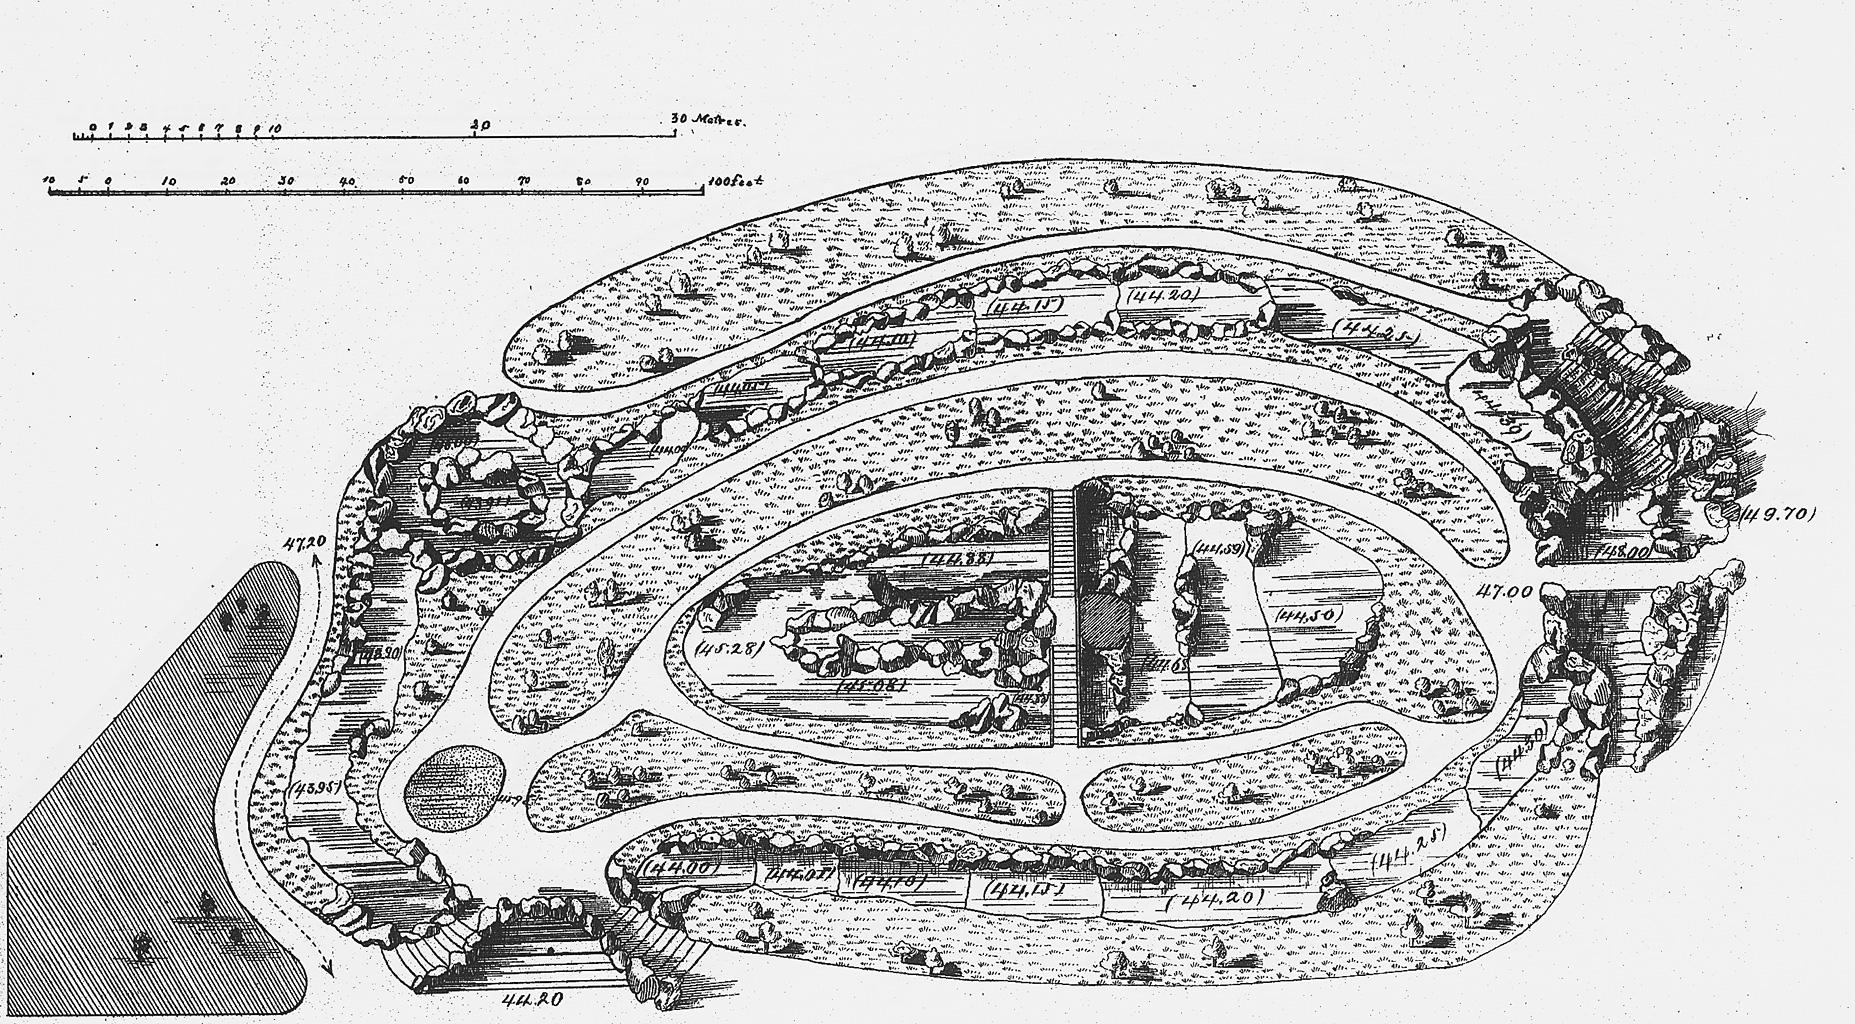 水族館会場図面(1878年パリ万博)(拡大画像) | 博覧会―近代技術の展示場